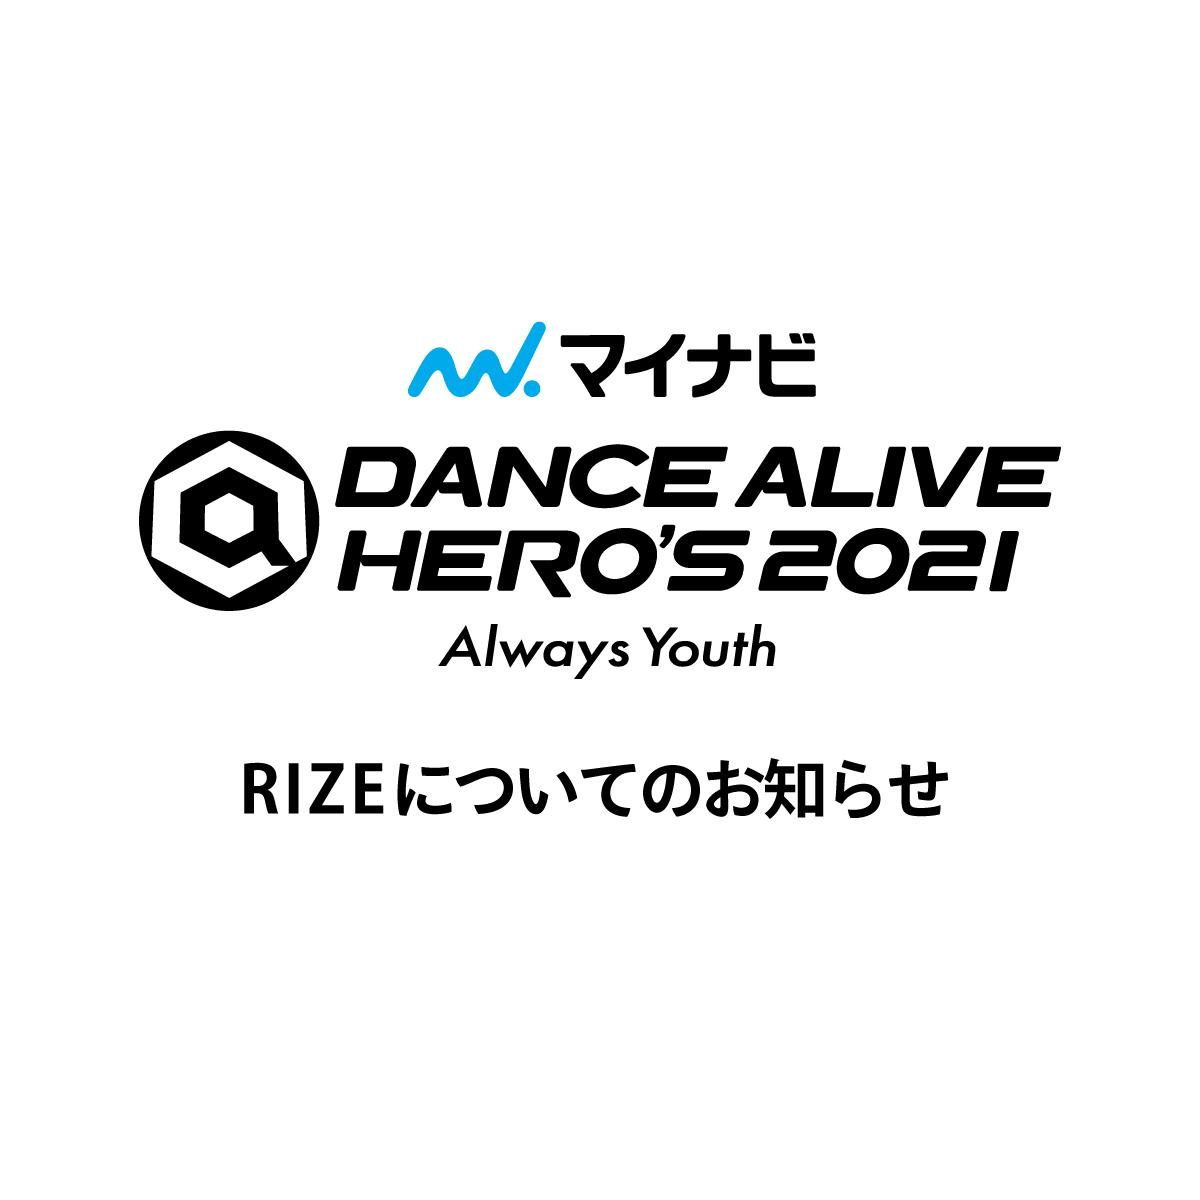 「マイナビDANCE ALIVE HERO'S 2021」RIZEについてのお知らせ